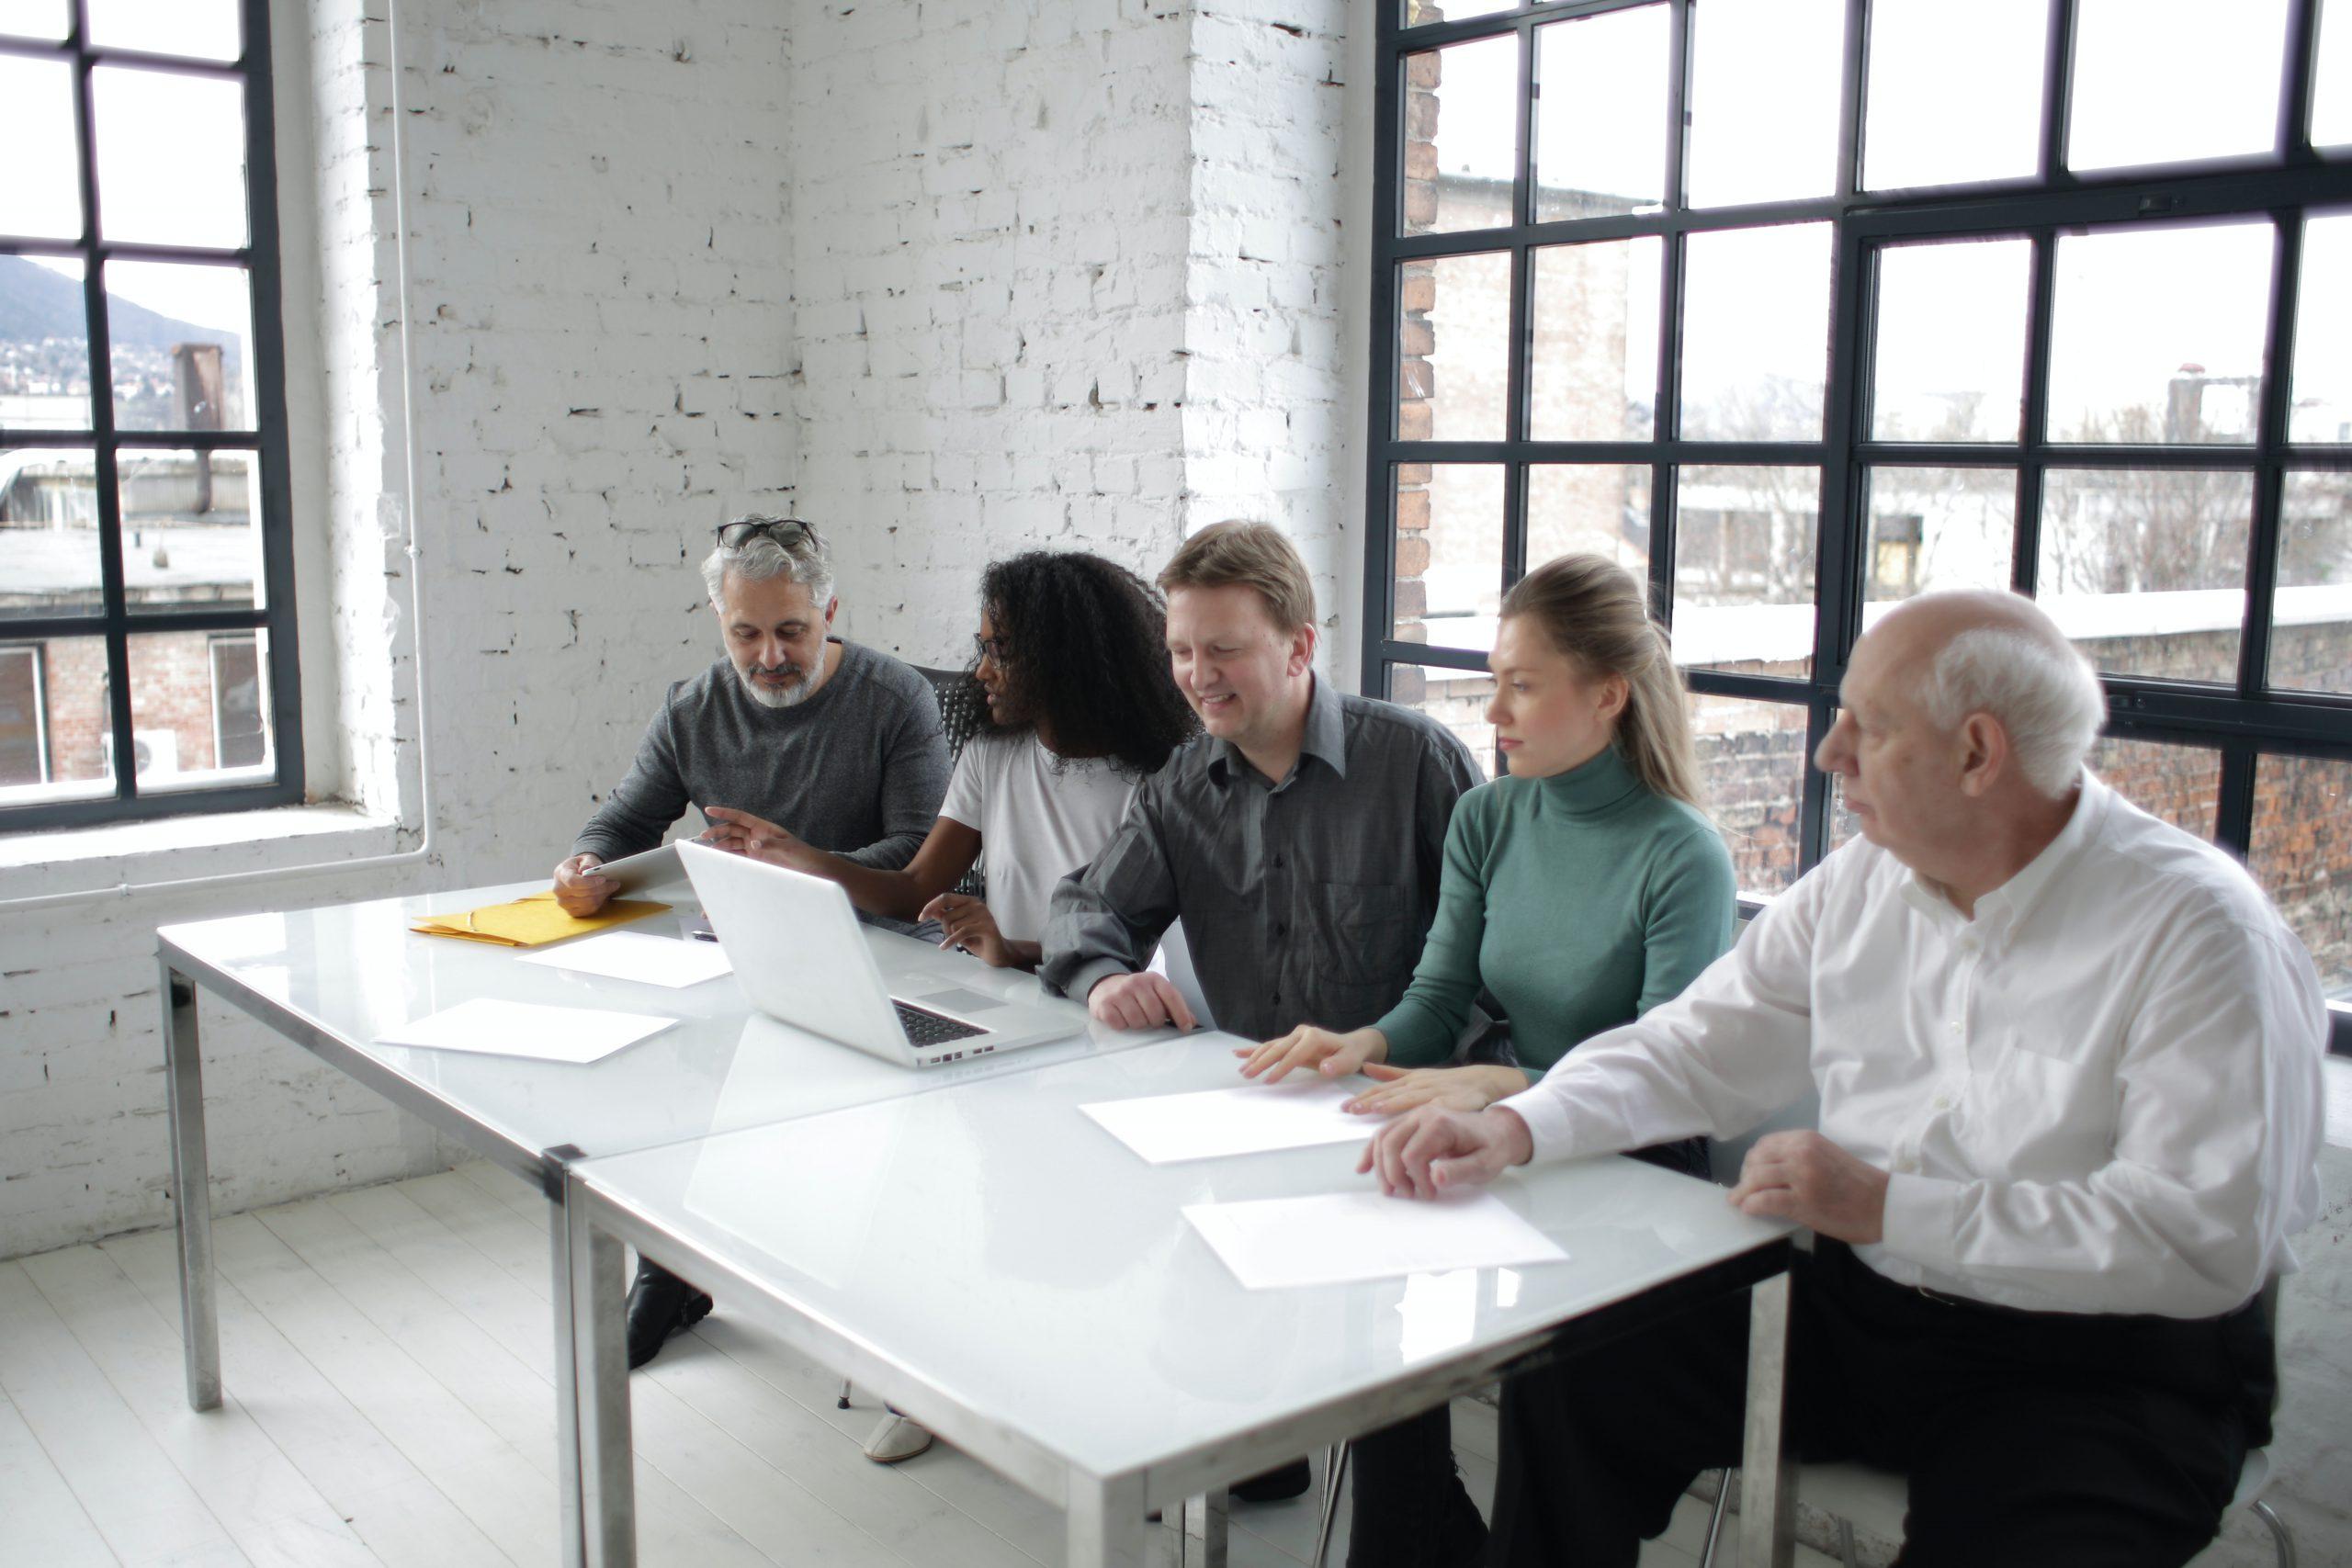 5 ข้อสงสัยเกี่ยวกับบริการรับทำวิจัย ที่คุณควรรู้